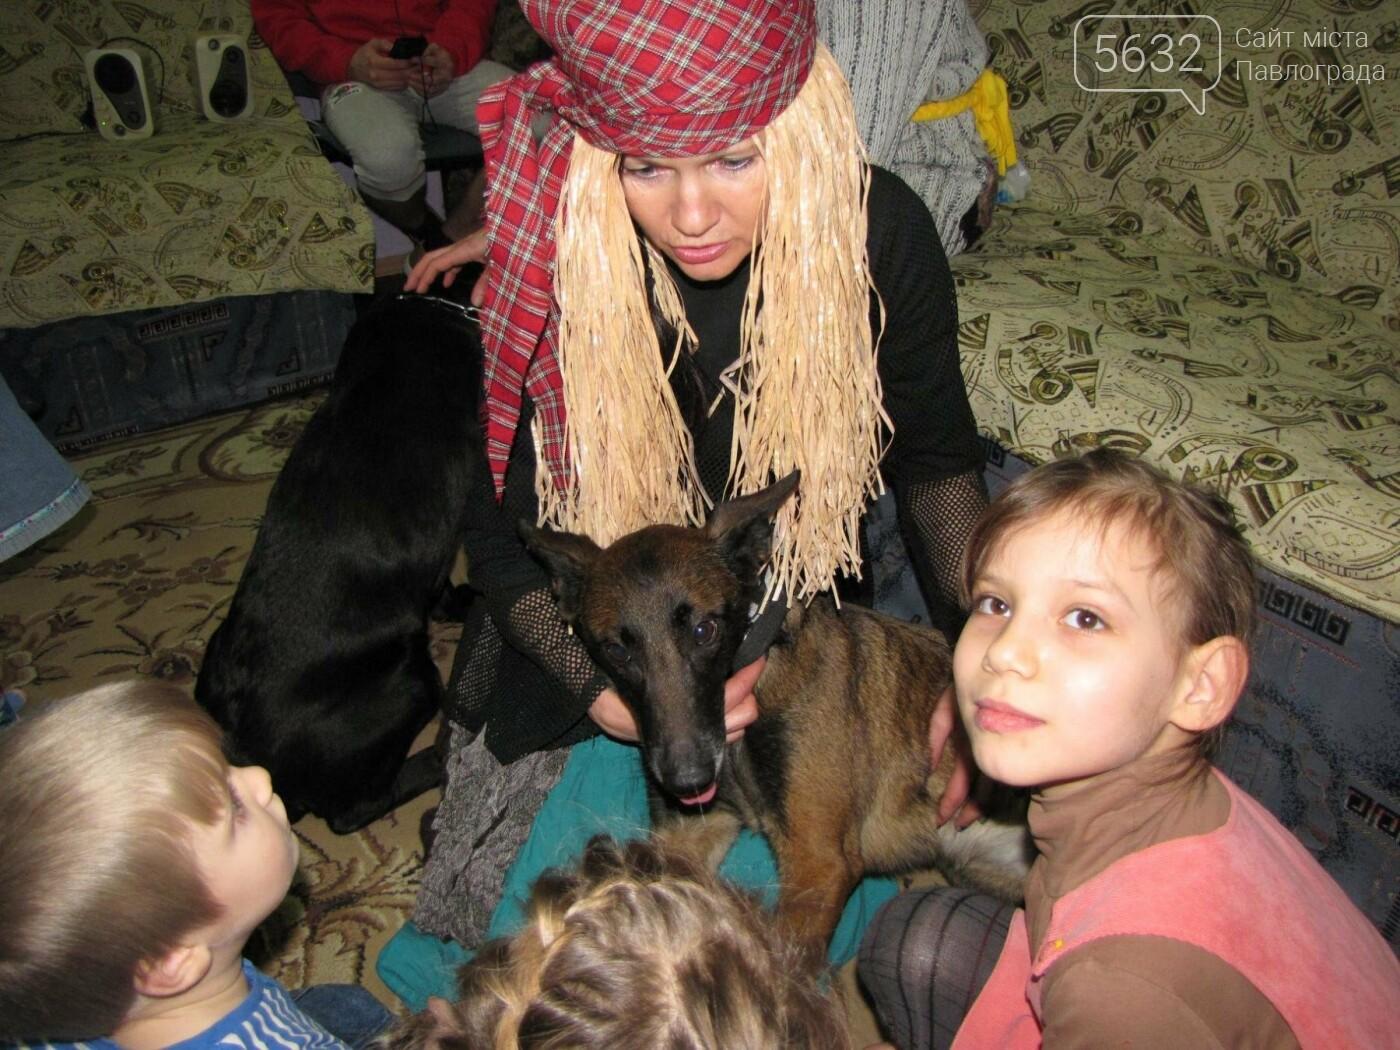 Павлоградські кінологи подарували малюкам Донеччини новорічне свято, фото-5